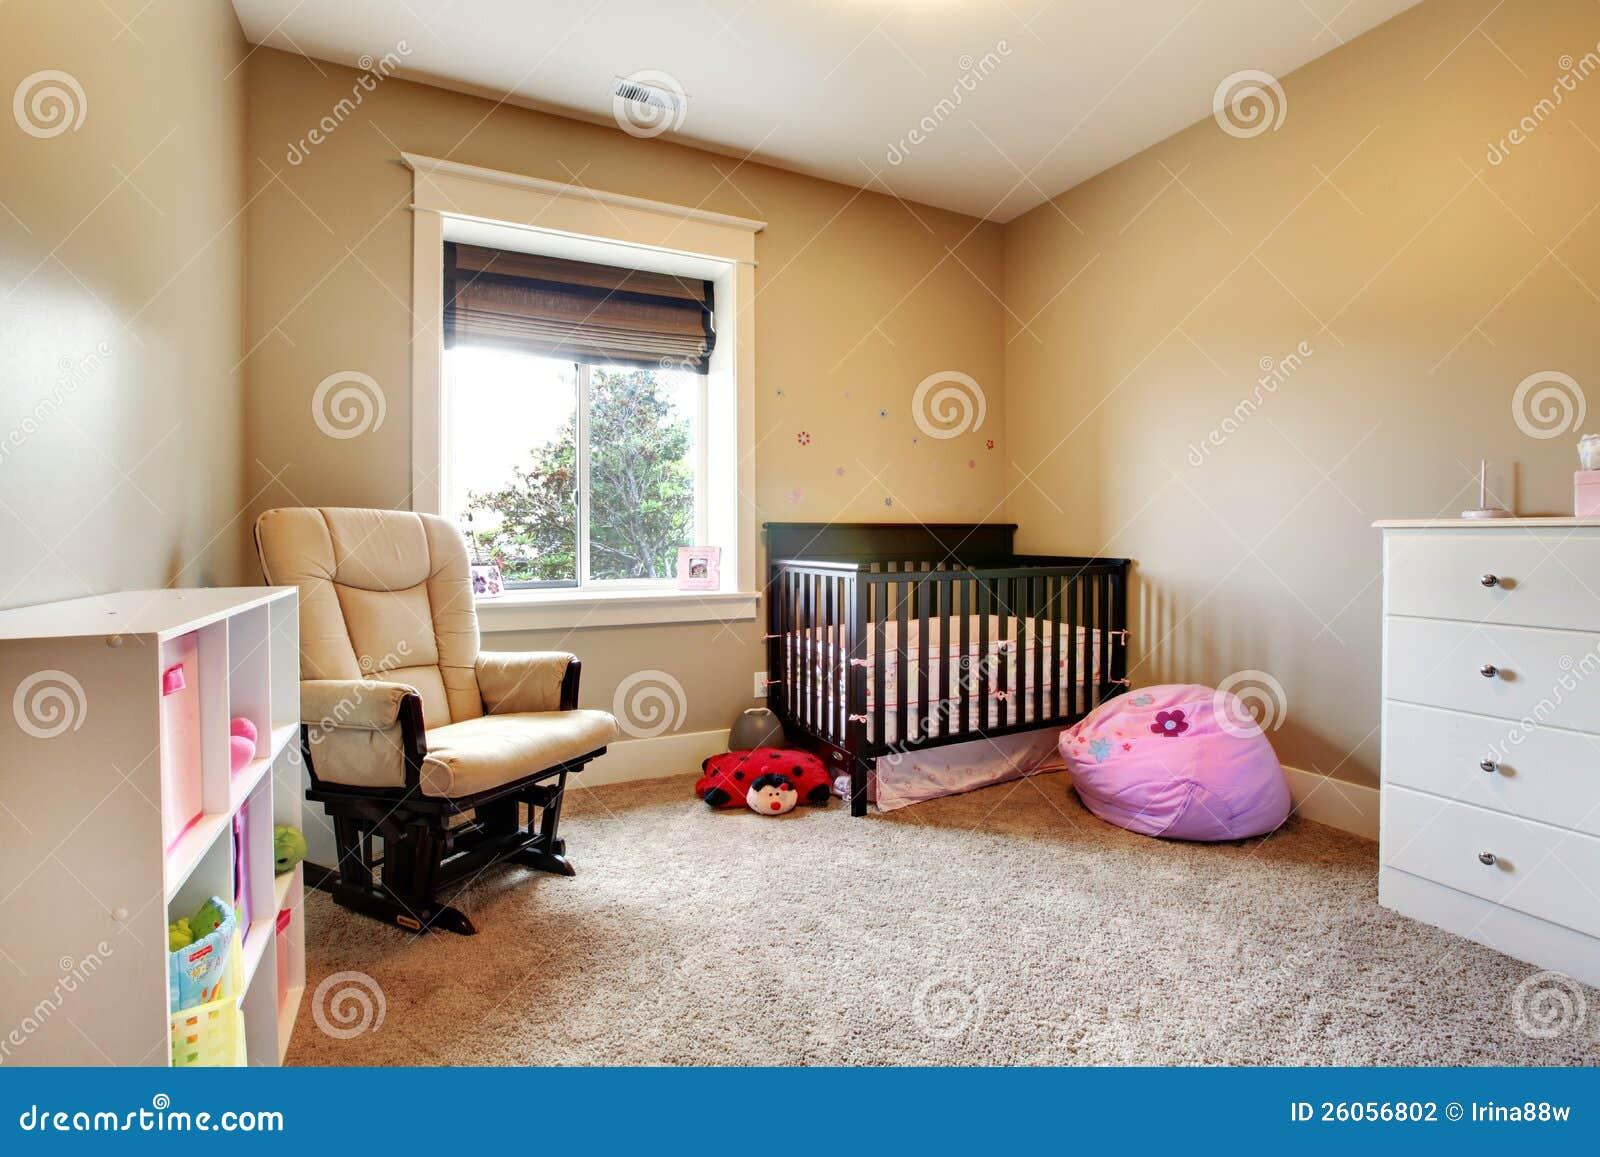 Krankenpflegeraum für Baby mit brauner hölzerner Krippe.